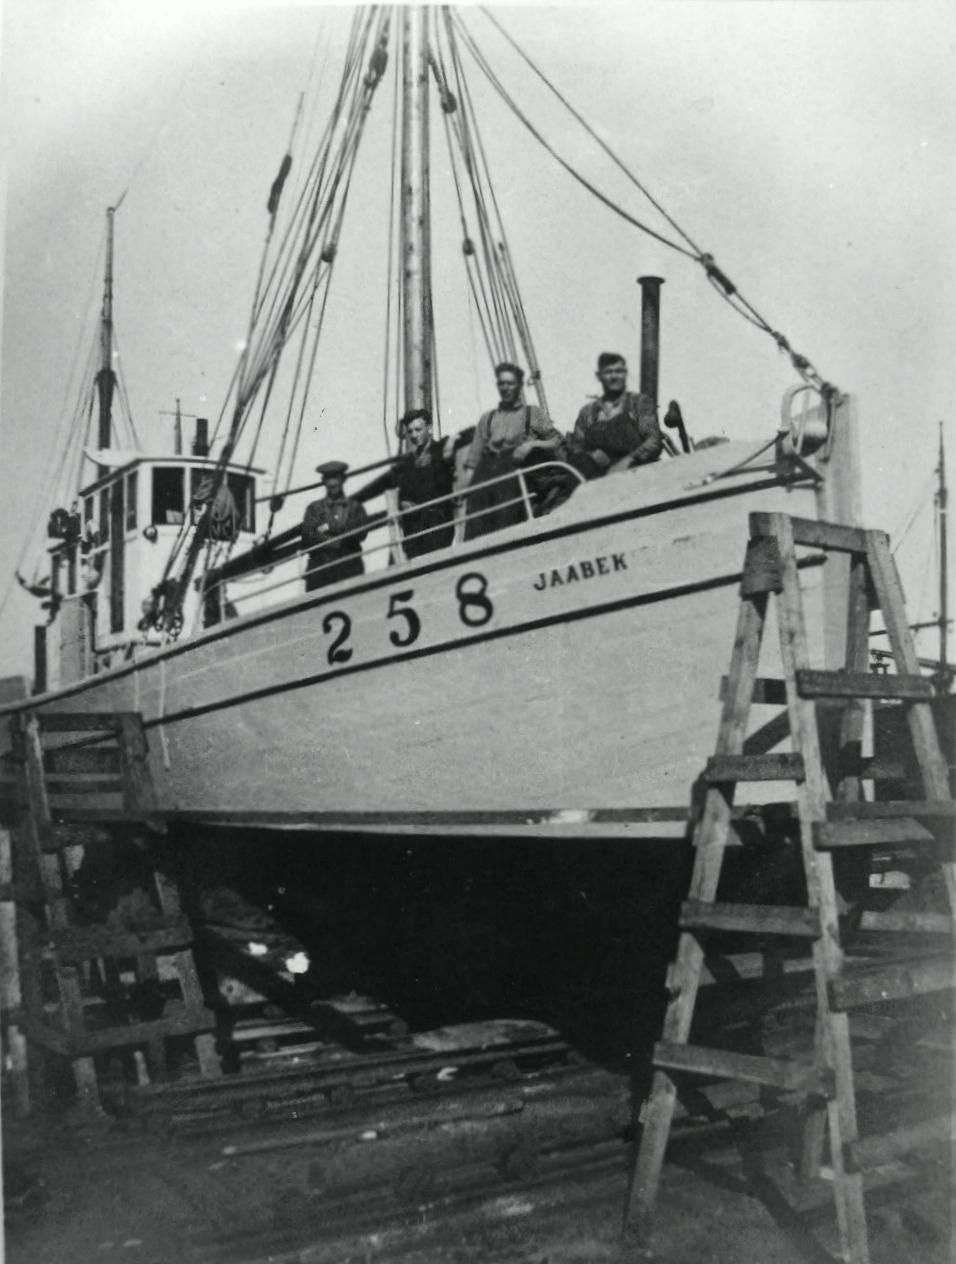 NORWEGIAN JAABEK 258 ON SLIP 1941-45 (7)(36).jpg